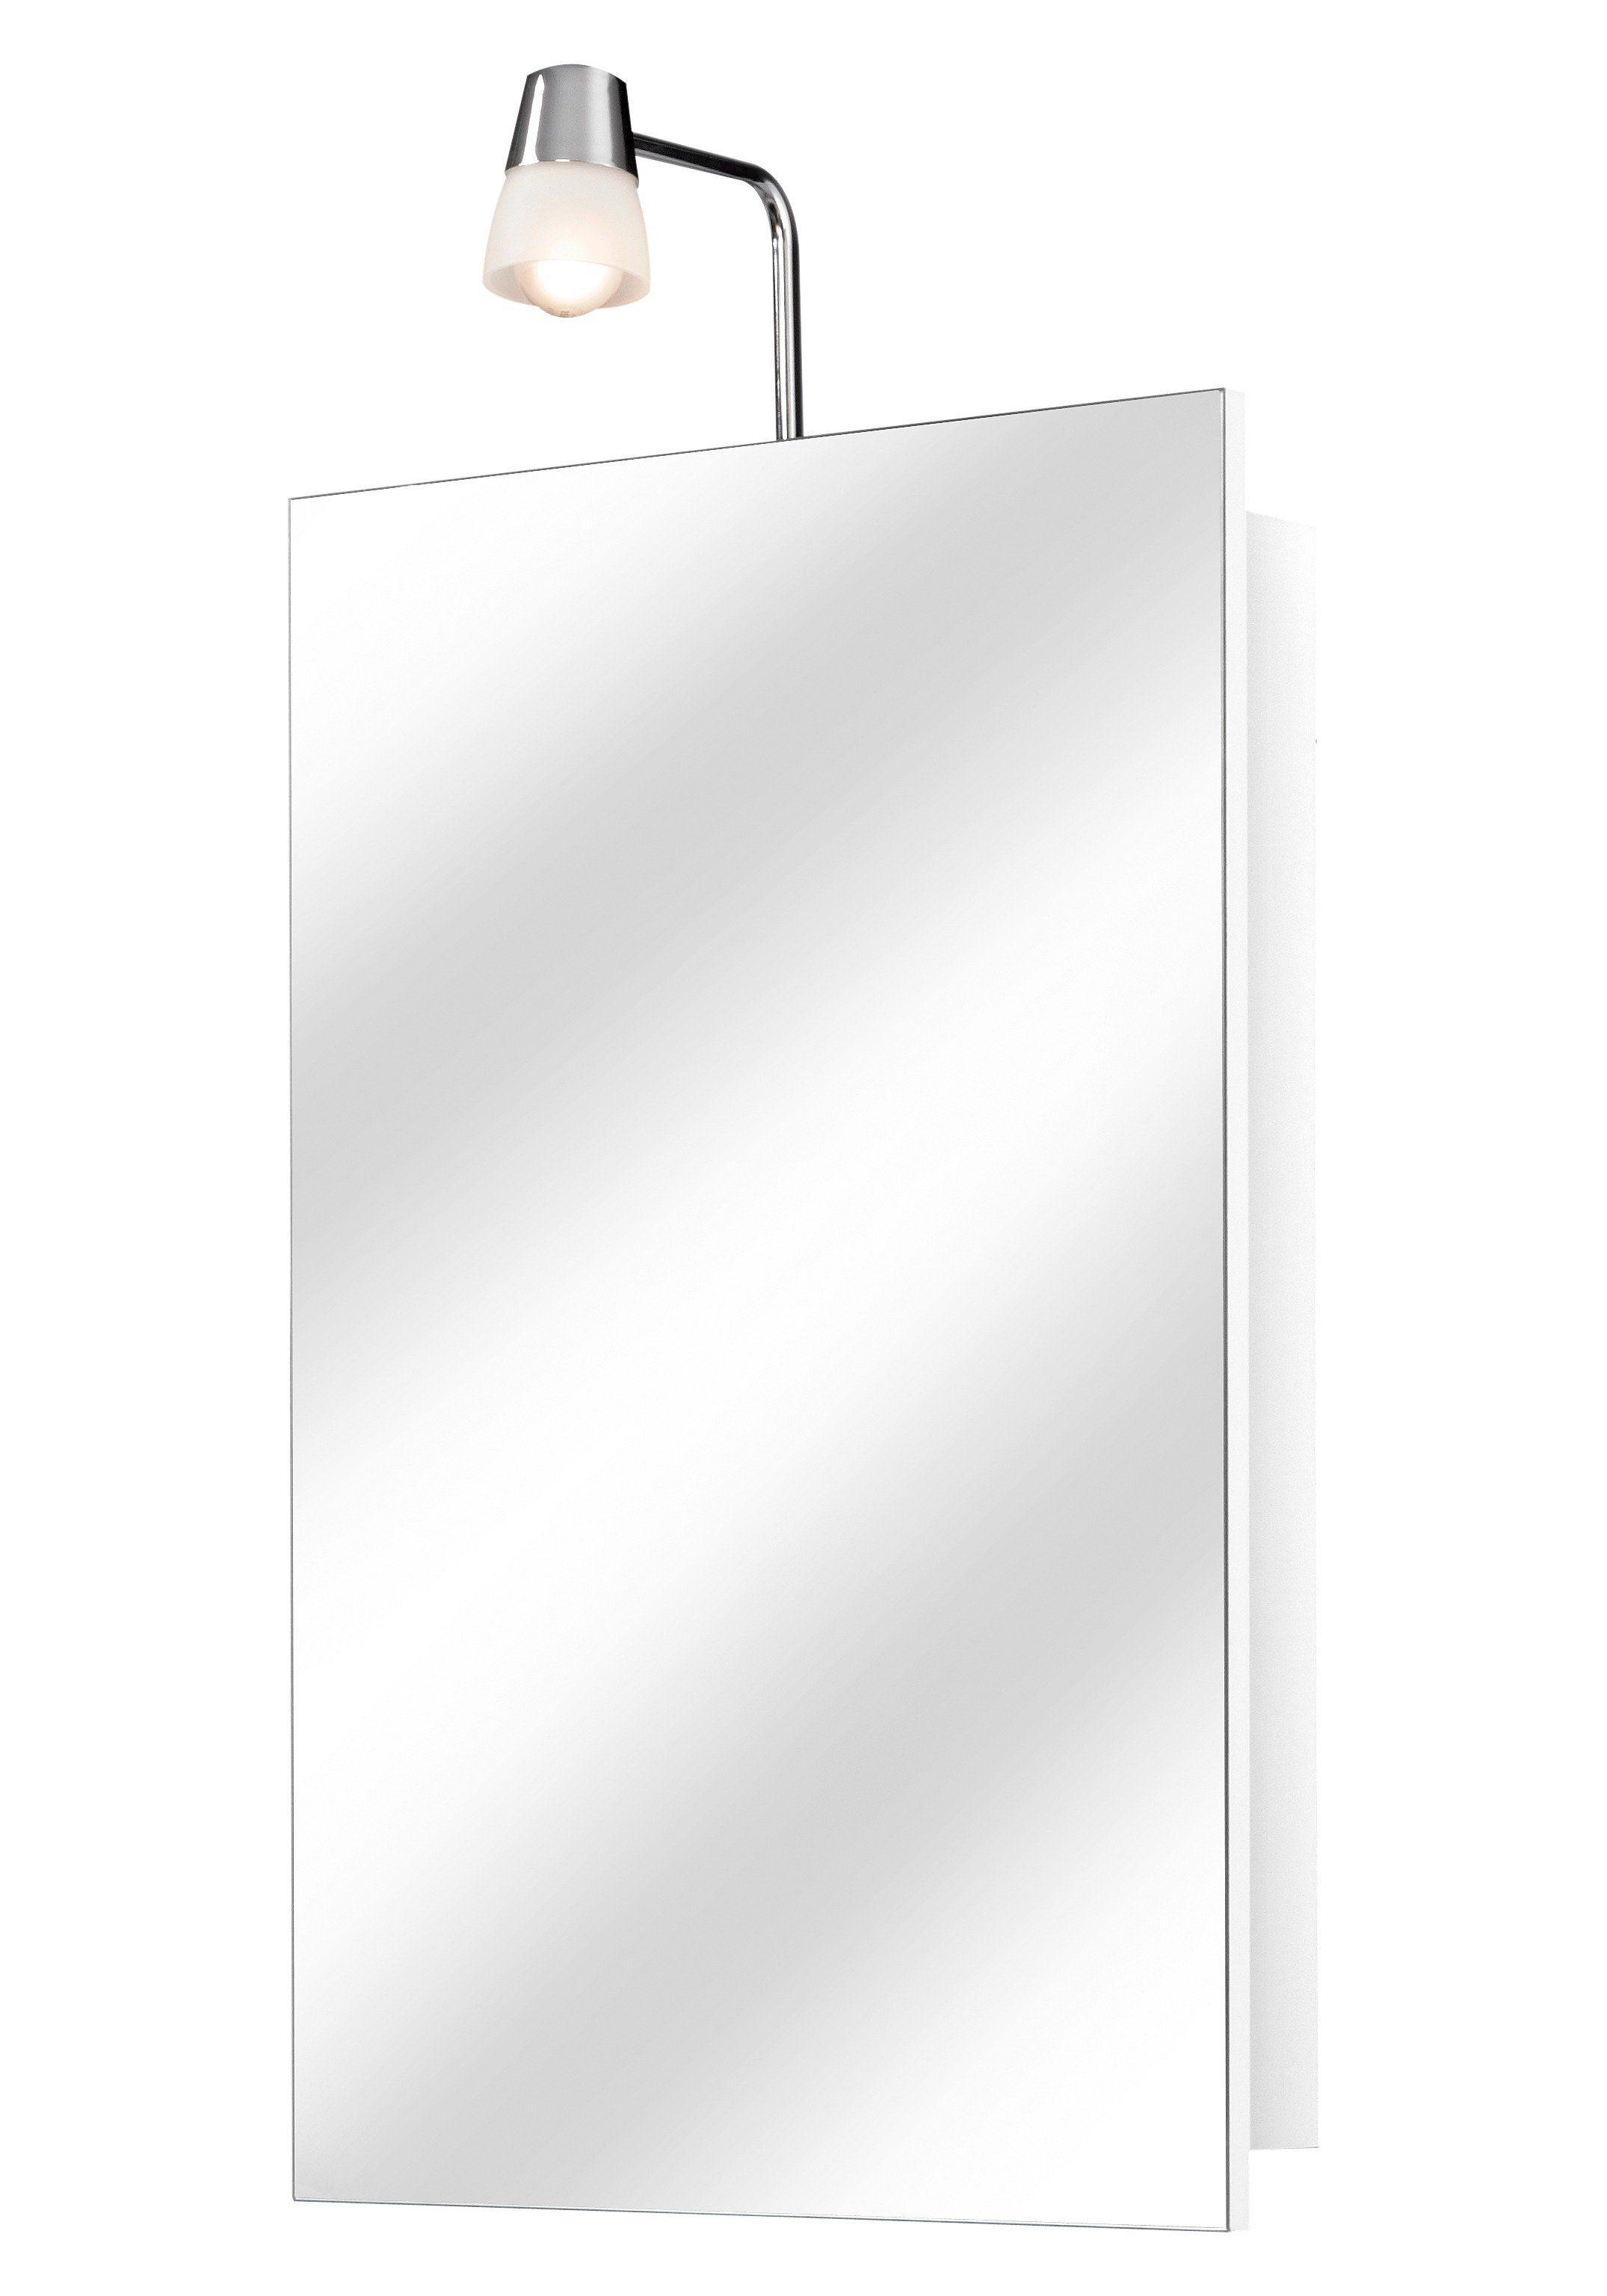 KESPER Spiegelschrank »Monaco«, Breite 50 cm